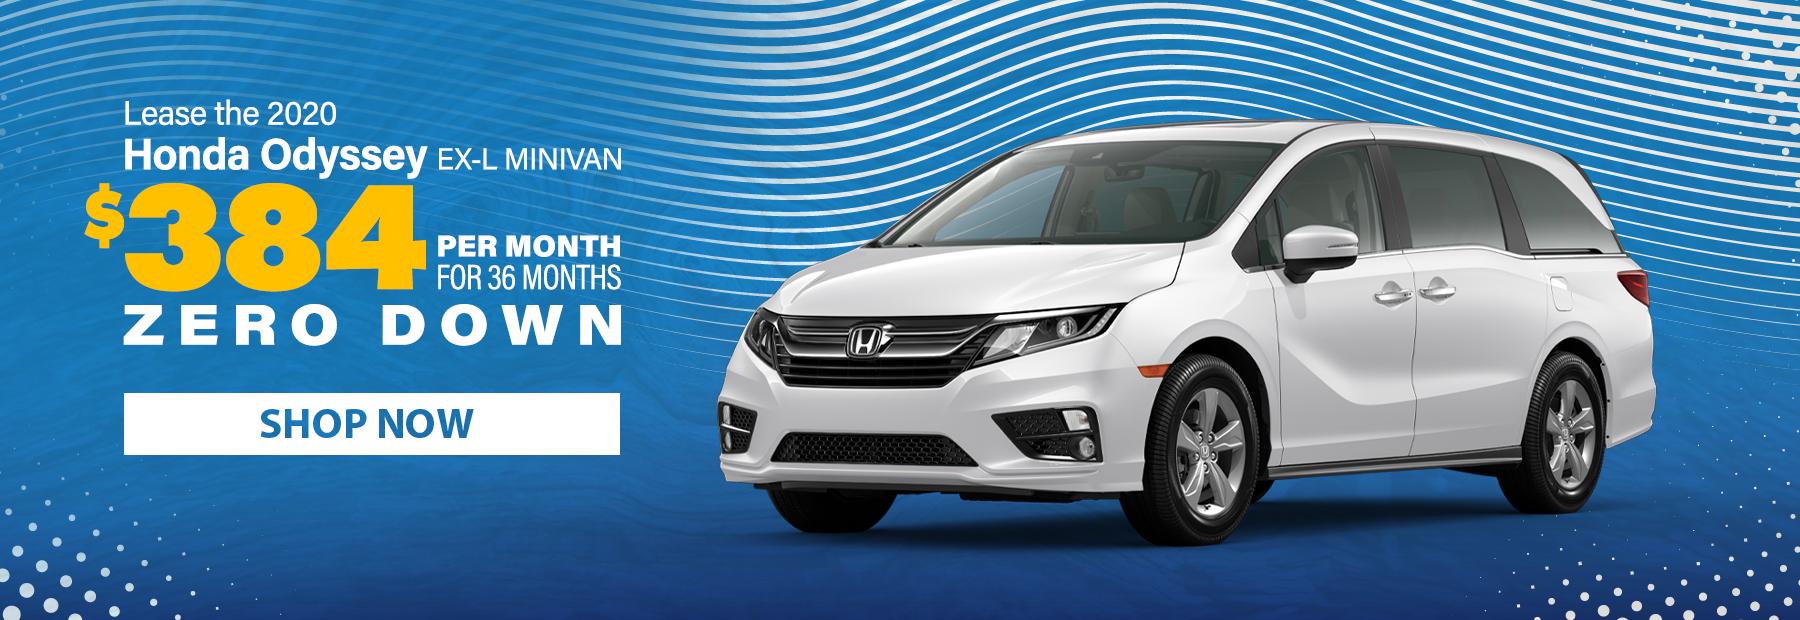 Lease a 2020 Honda Odyssey EX-L Minivan